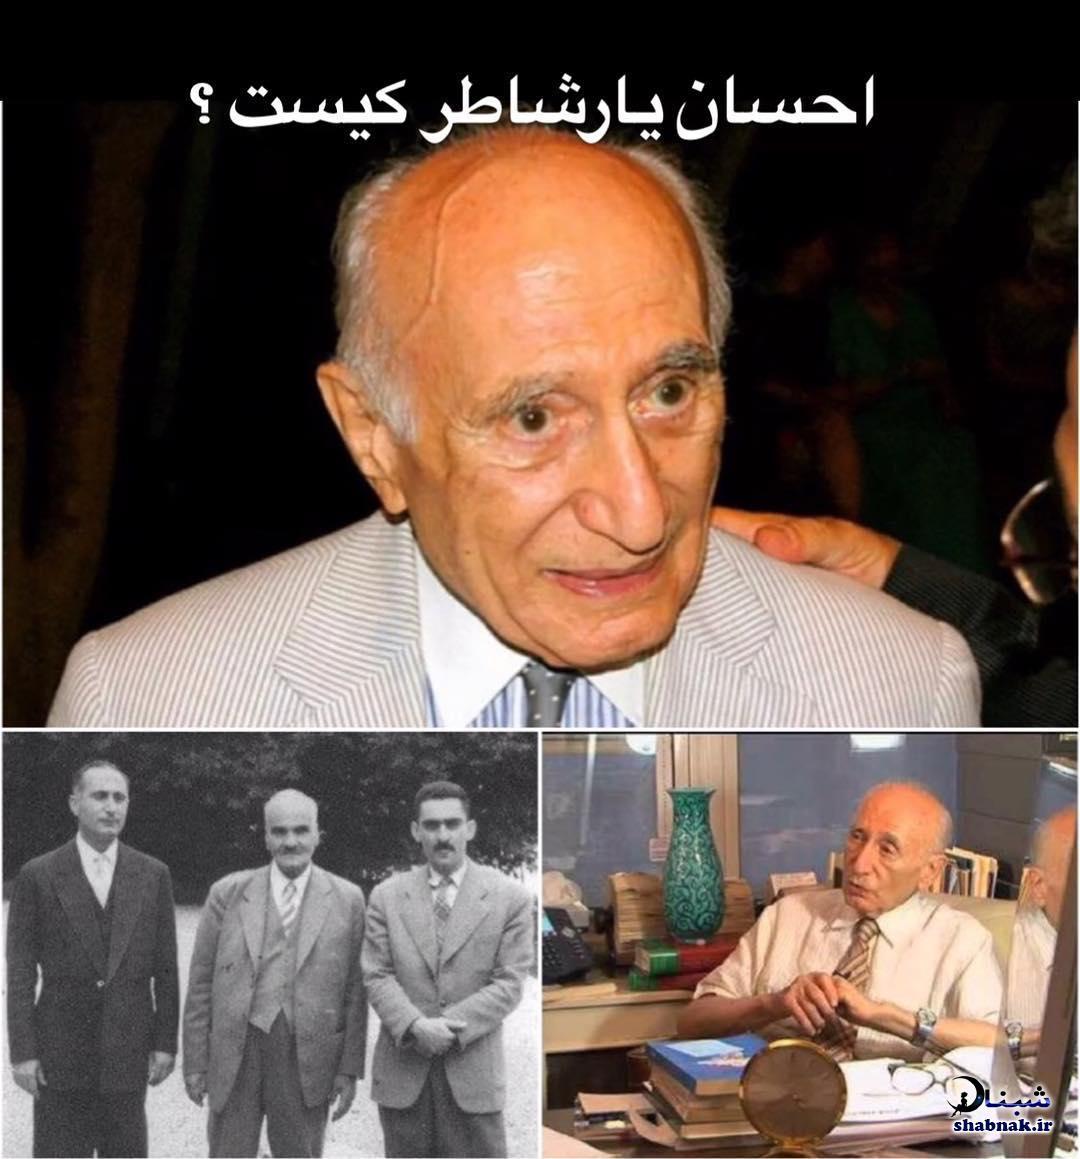 بیوگرافی احسان یارشاطر